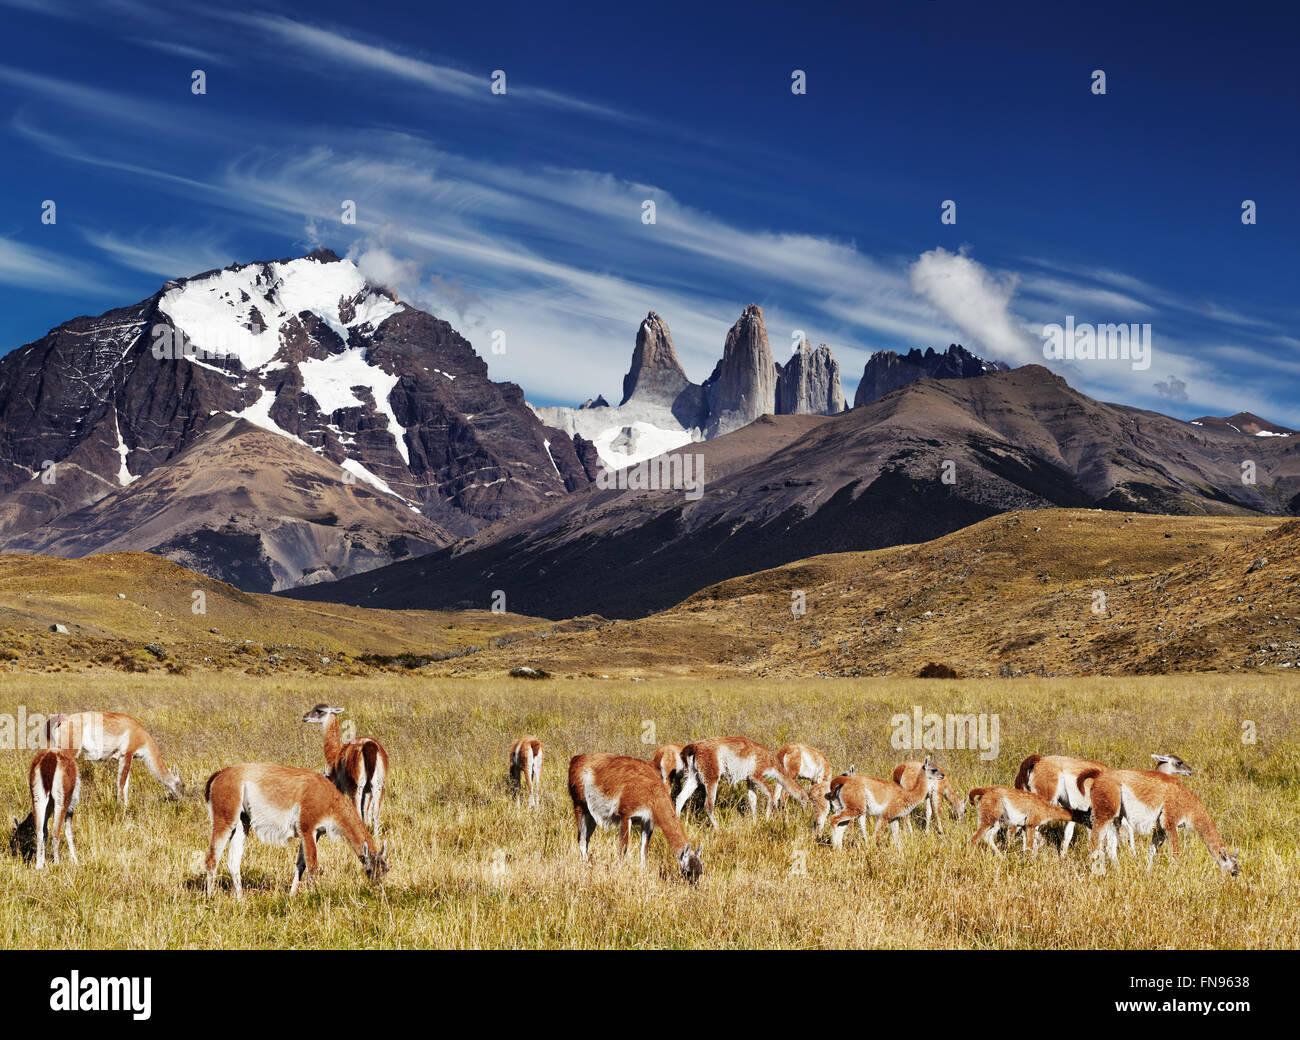 Allevamento di guanaco nel Parco Nazionale Torres del Paine, Patagonia, Cile Immagini Stock